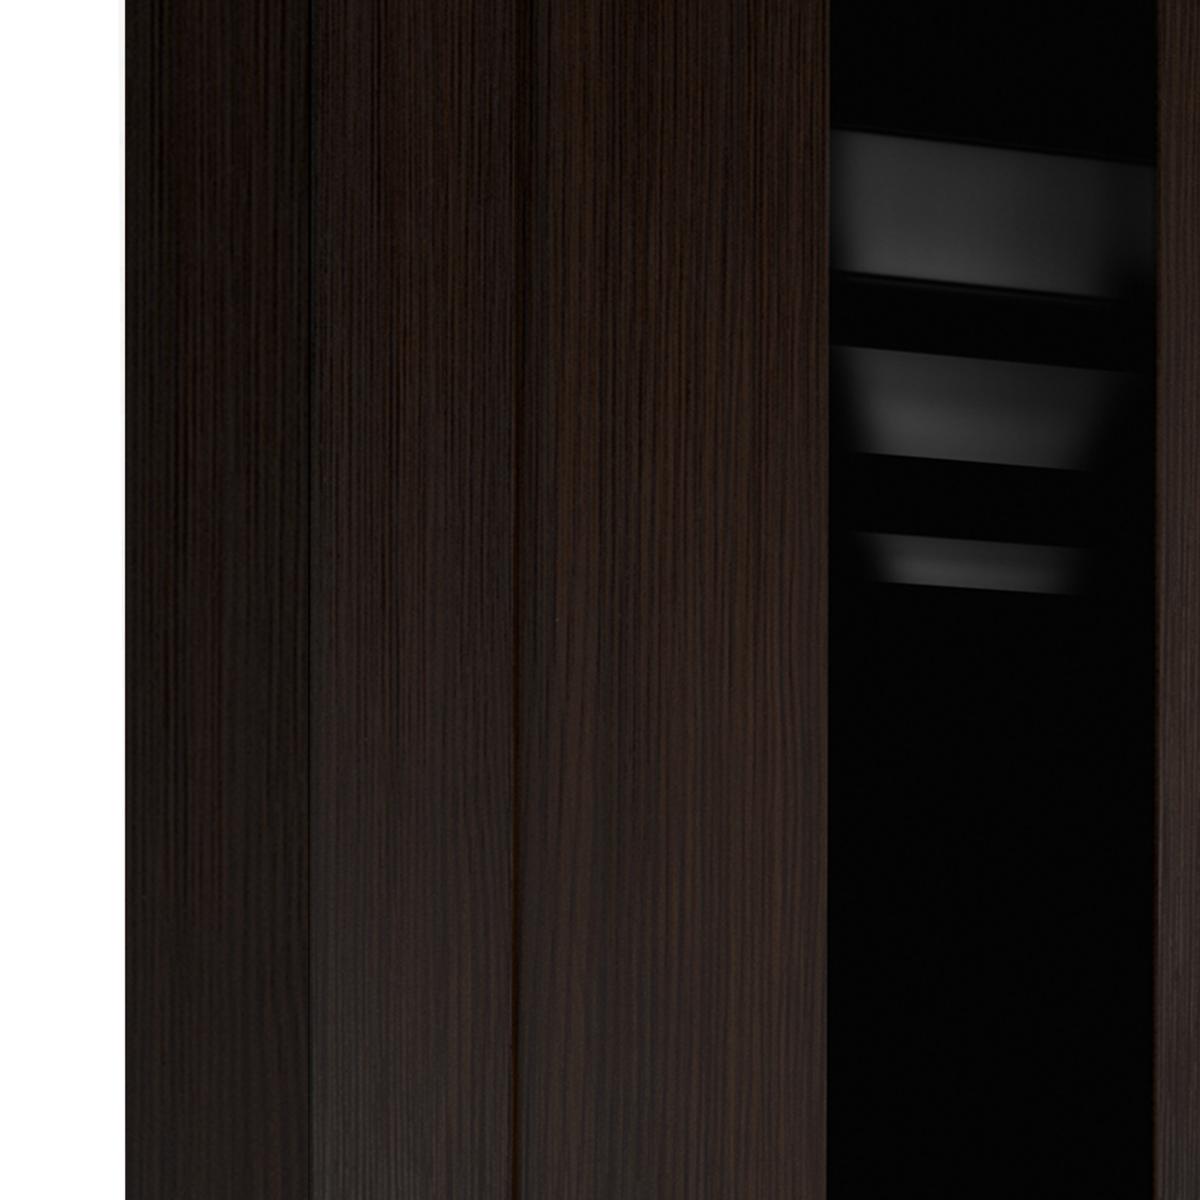 Дверь Межкомнатная Остеклённая Фортуна 90x200 Пвх Цвет Венге